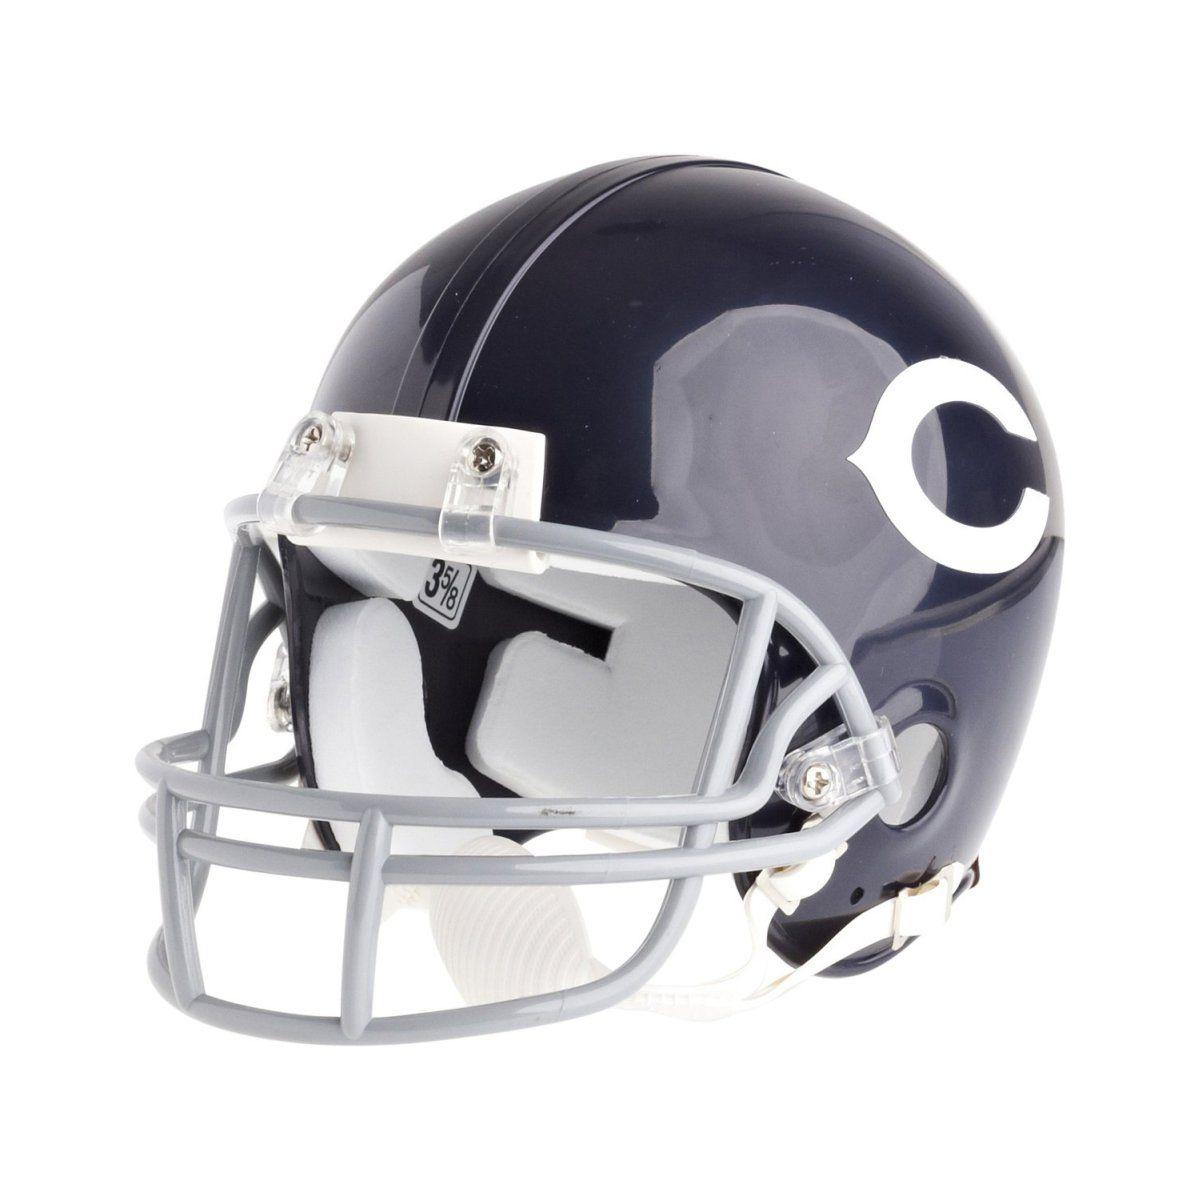 amfoo - Riddell Mini Football Helm - NFL Chicago Bears 62-73